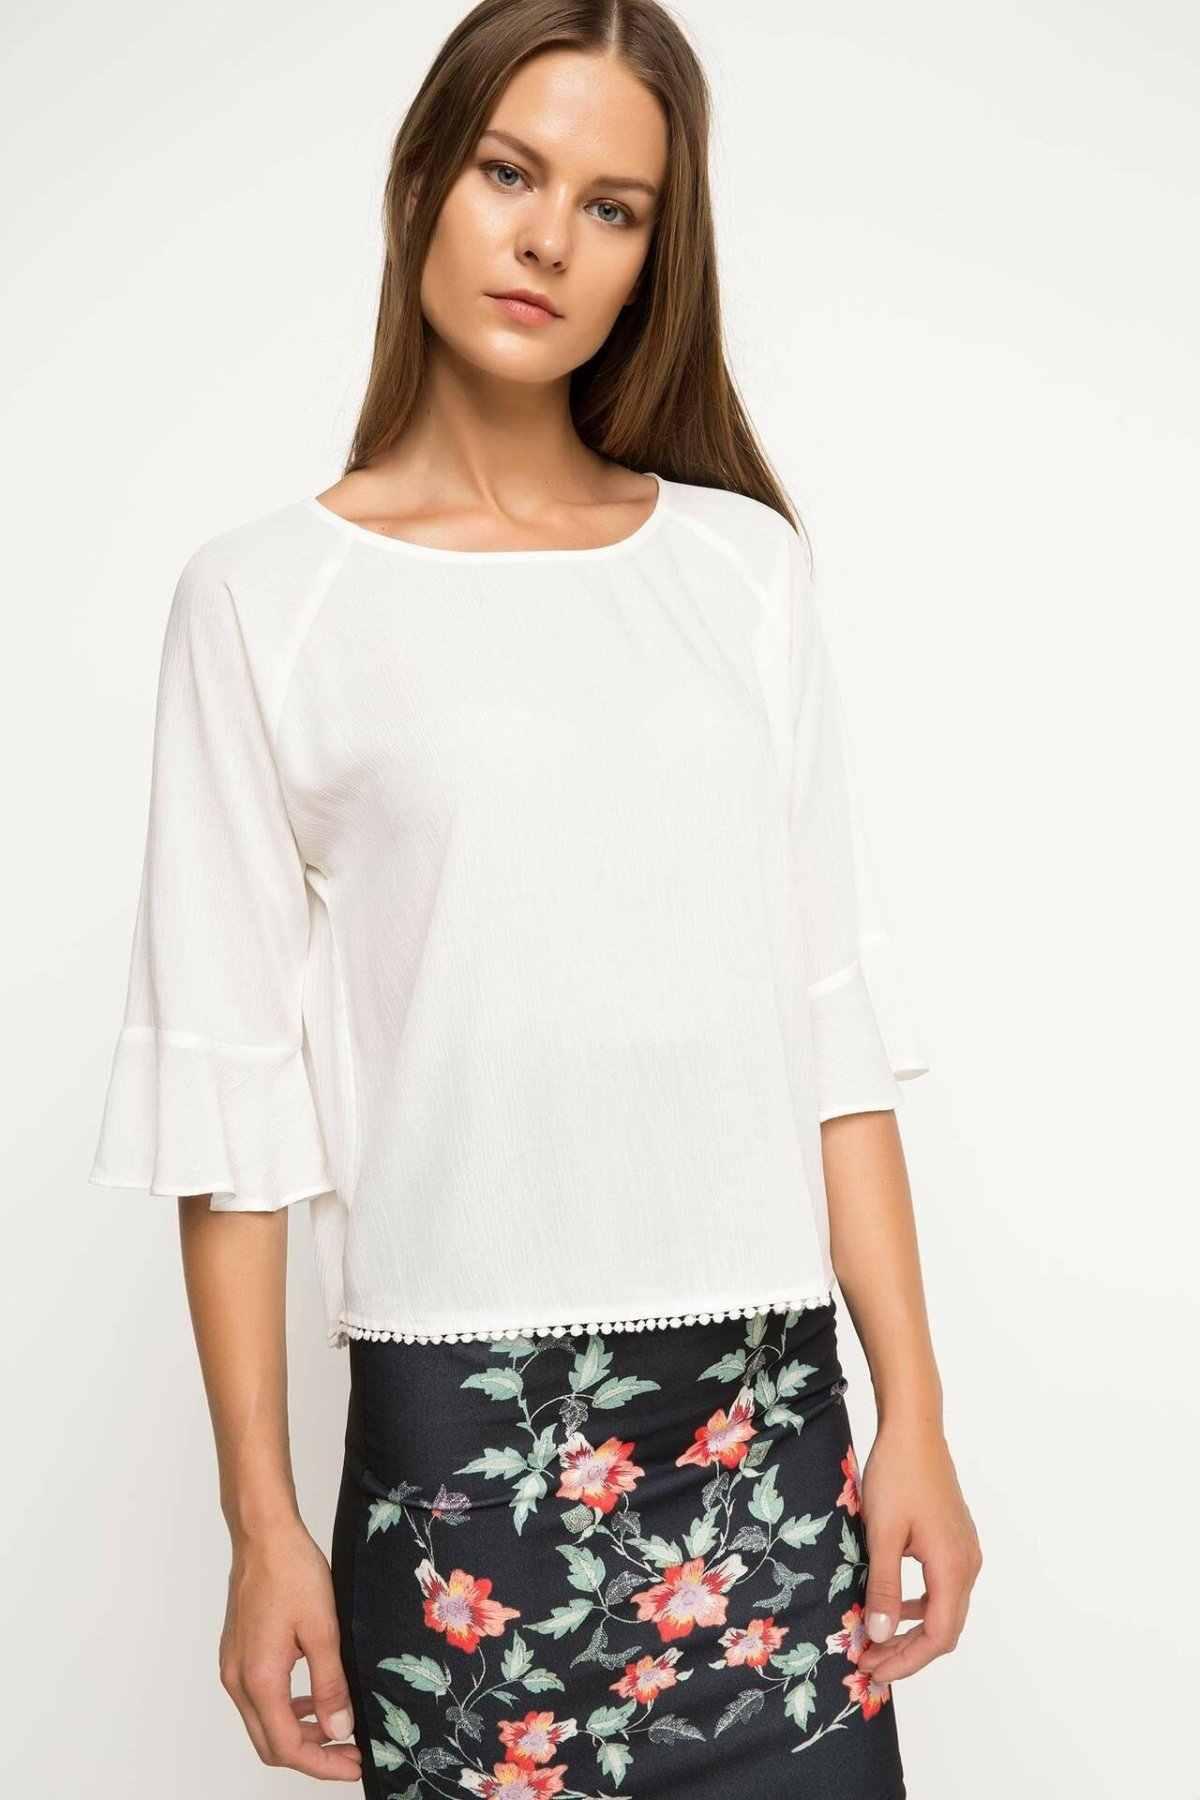 DeFacto kobieta moda Crewneck z długim rękawem bluzka kobiet elegancki Casual trwałe koszule jesień urocze topy nowy-G4232AZ17AU